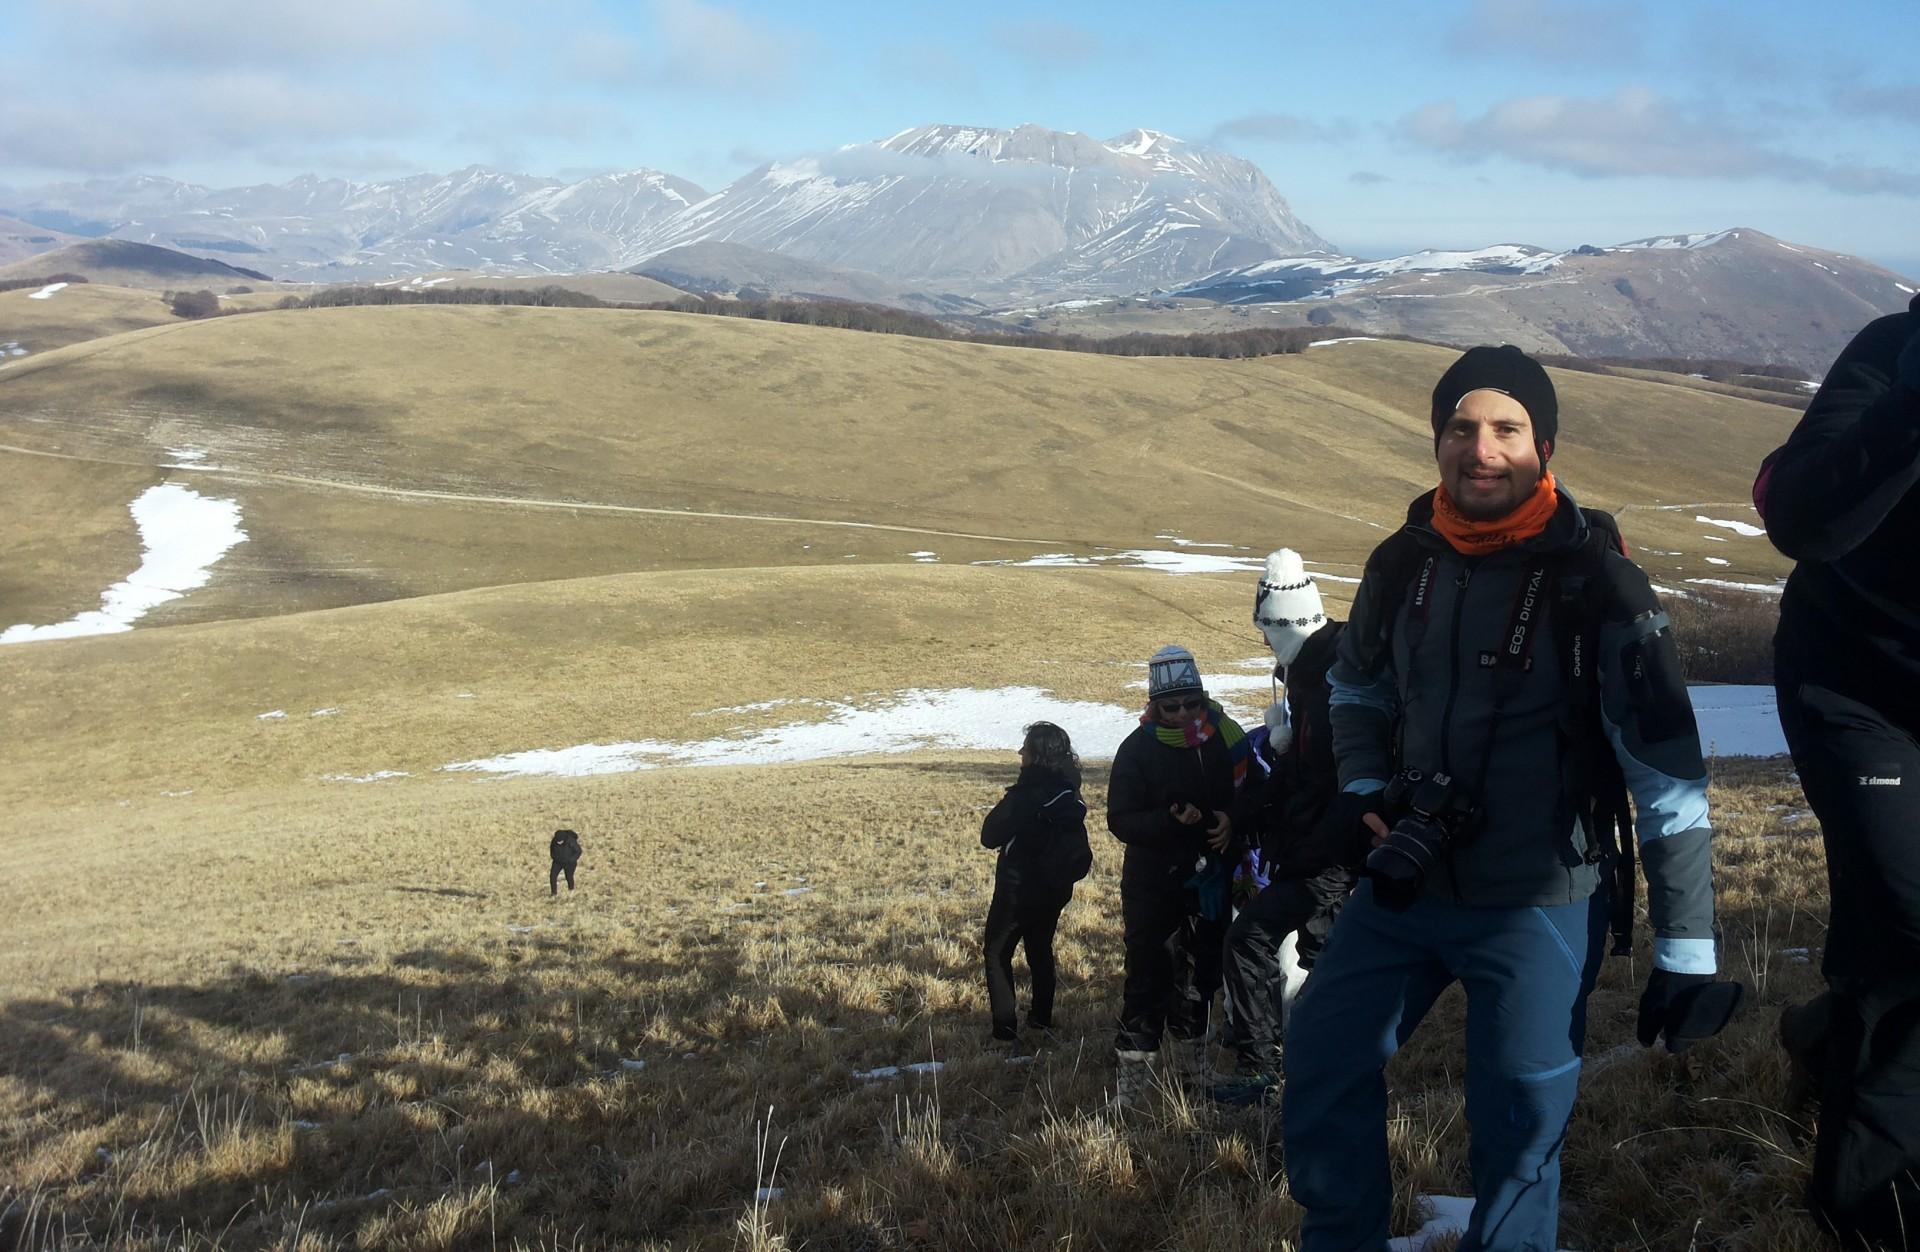 Trekking - Il Parco Nazionale dei Monti Sibillini - mezza giornata